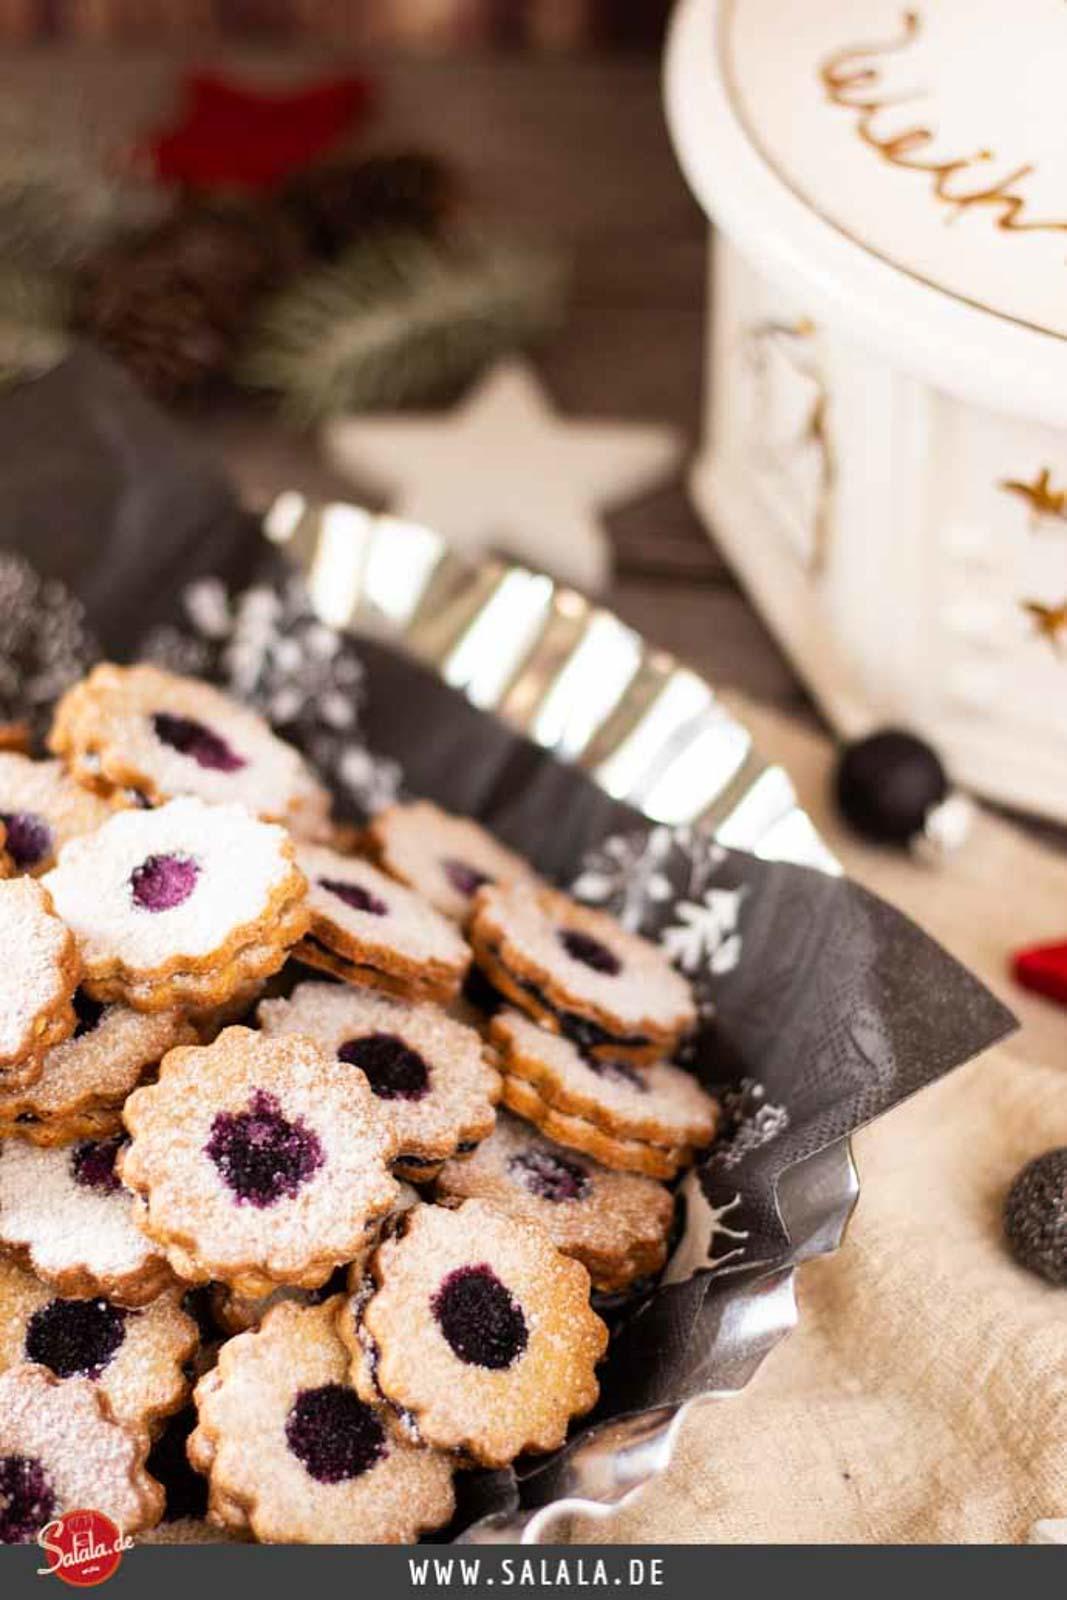 Weihnachtsplätzchen Glutenfrei Backen.Spitzbuben Low Carb Plätzchen Ohne Mehl Und Zucker